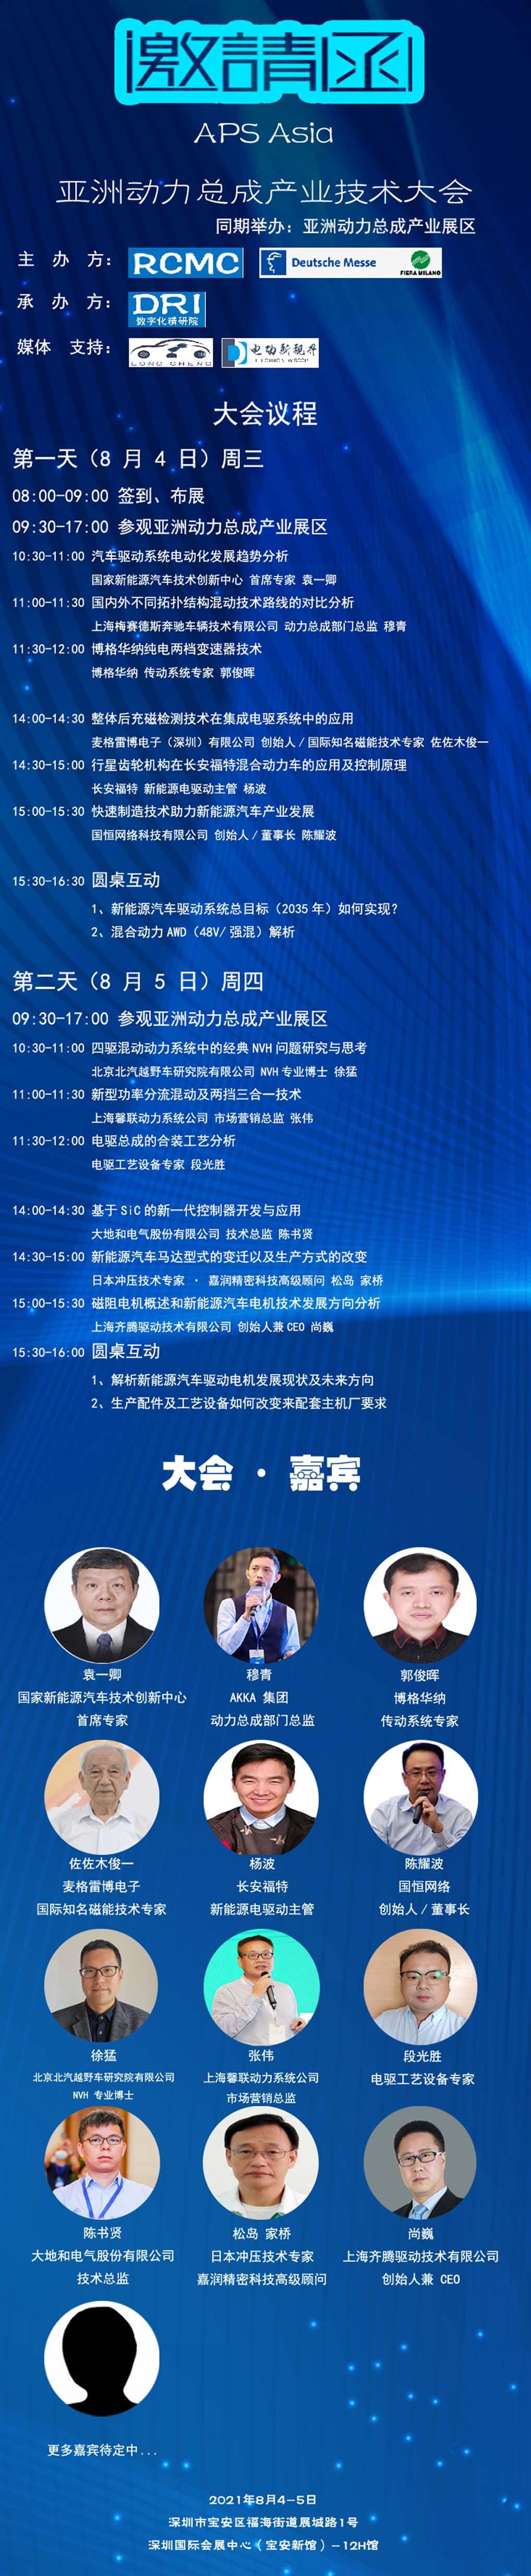 亚洲动力总成产业技术大会_门票优惠_活动家官网报名